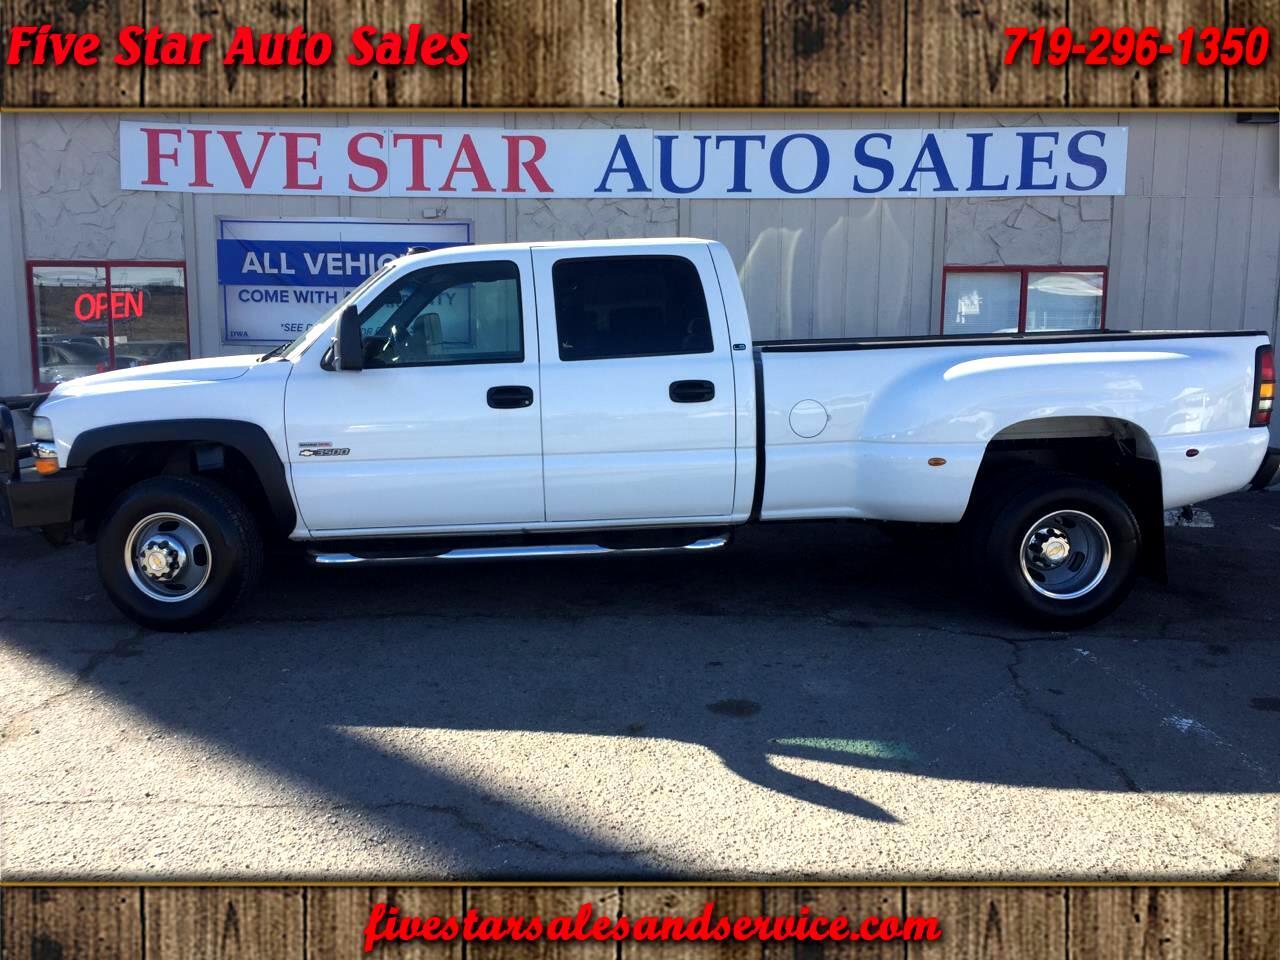 2001 Chevrolet Silverado 3500 Crew Cab 2WD